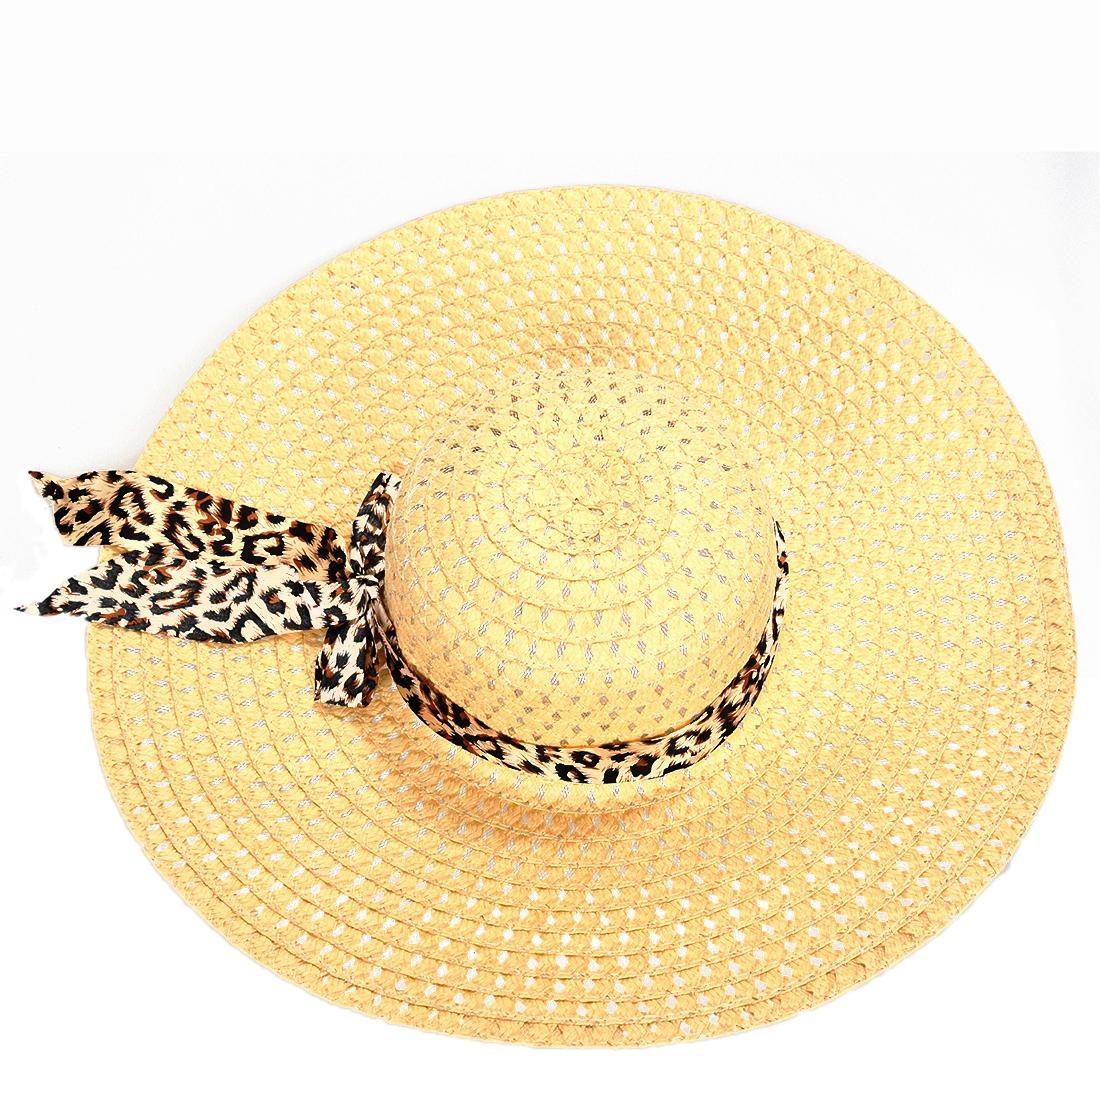 Compre Caliente NUEVO Sombreros De Paja De Verano Exquisito Leopard Ribbon  Bowknot Decorado Calado Sombrero De Sol Para Las Mujeres A  22.92 Del Tonic  ... d74be64fc390